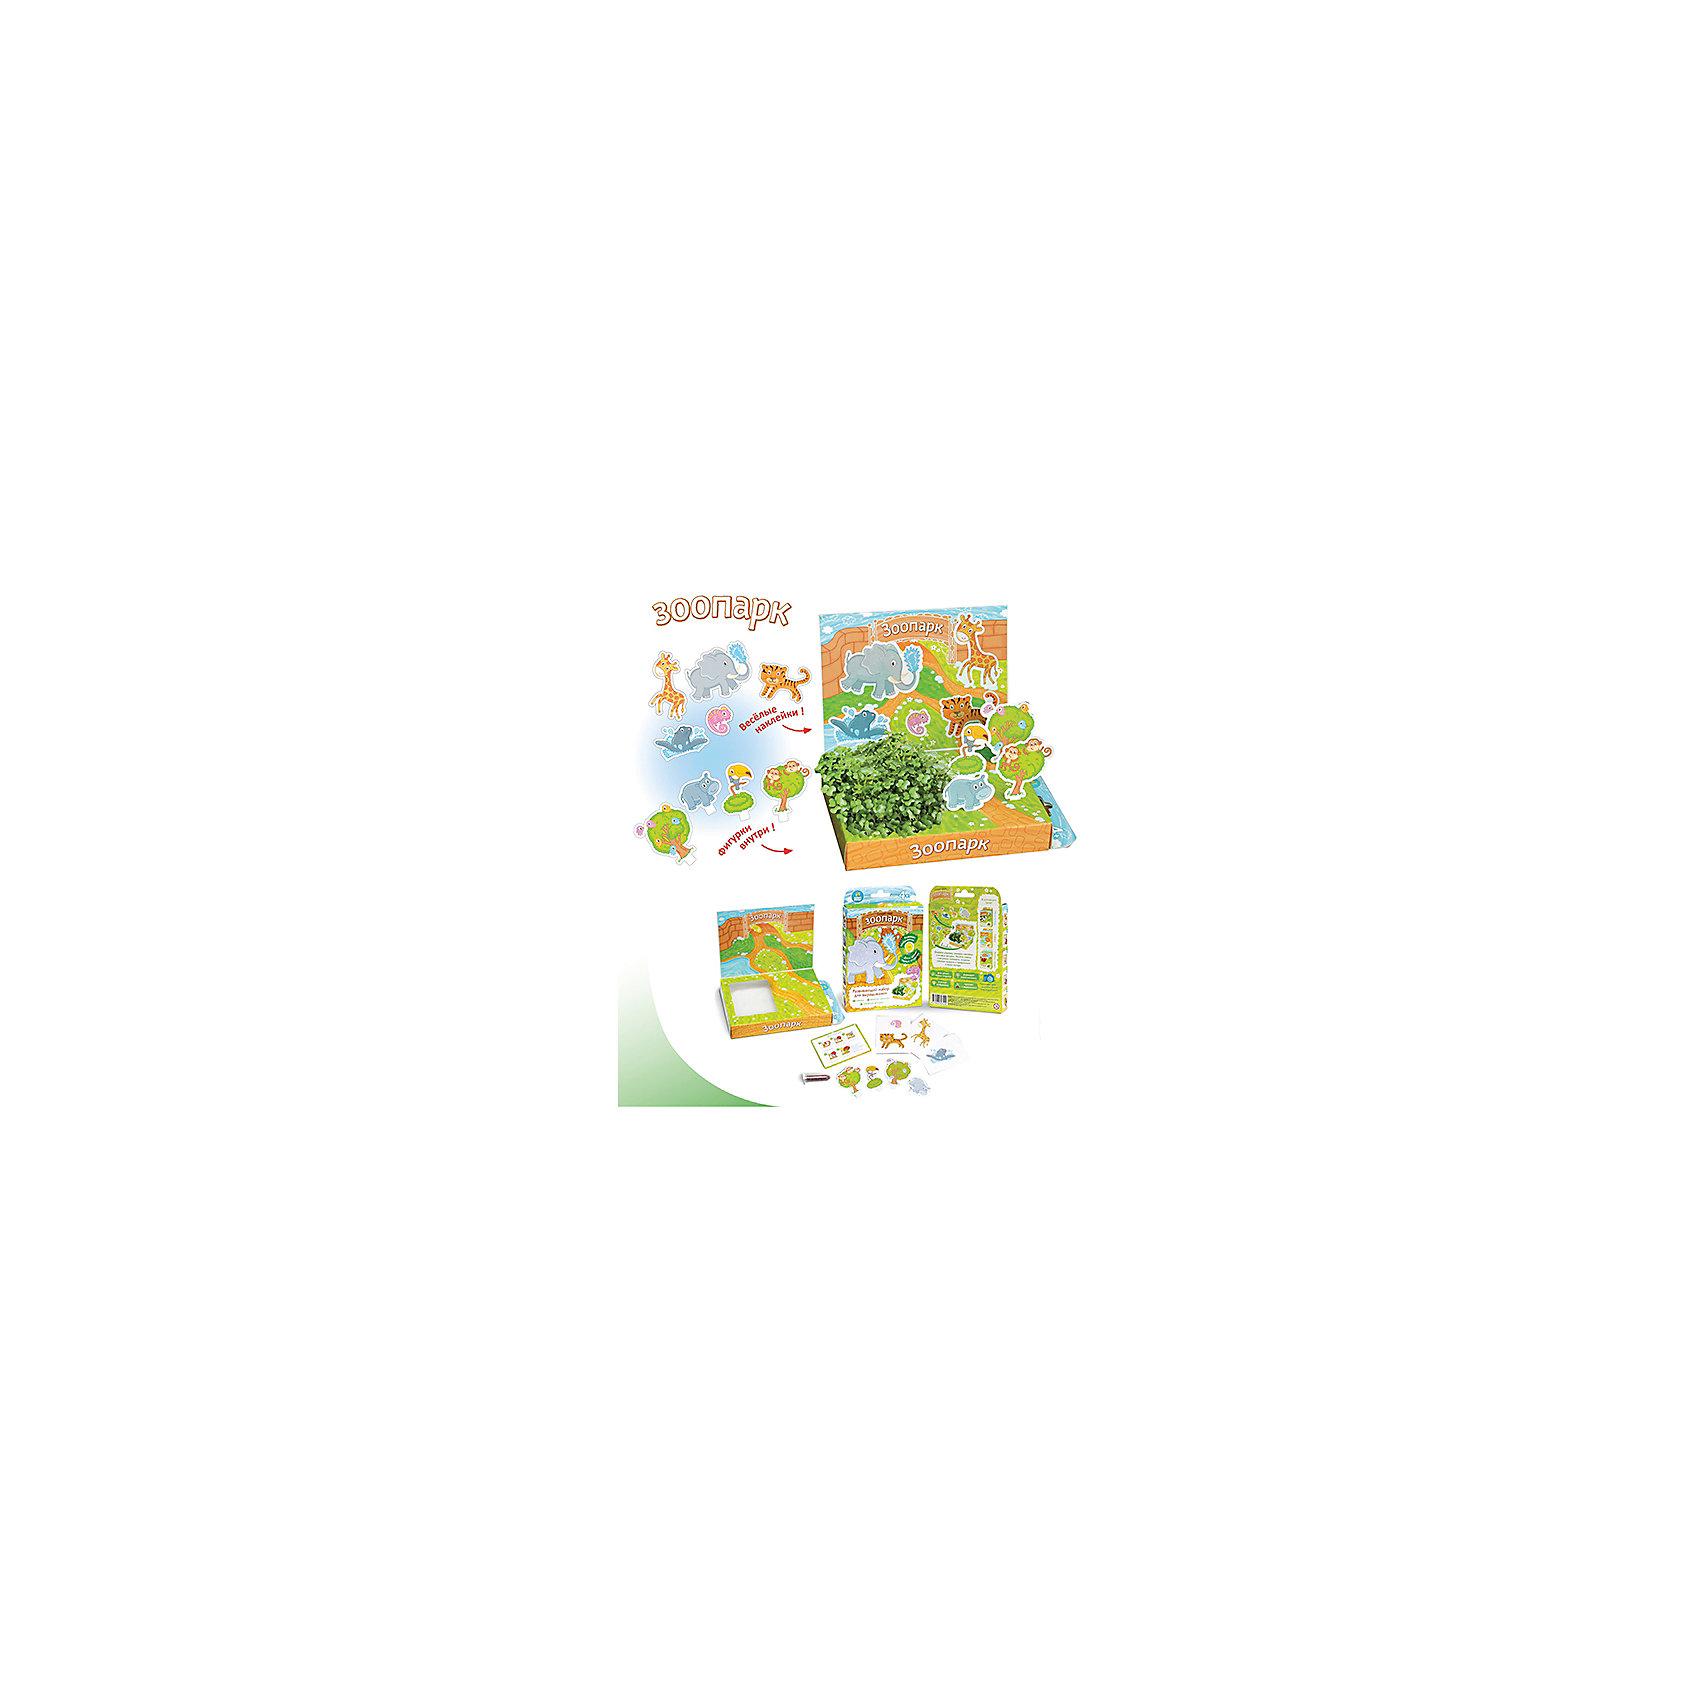 Набор для выращивания Зоопарк Happy PlantВыращивание растений<br>Детский развивающий набор для выращивания Зоопарк, Happy Plant.<br><br>Характеристики:<br><br>• возможность вырастить настоящую травку, не выходя из дома<br>• прост в использовании<br>• подходит в качестве подарка<br>• безопасные материалы<br>• гарантия качества<br>• в комплекте: наклейки, 3 фигурки, семена, контейнер для растений, агроткань<br>• размер упаковки: 15х11х2,5 см<br>• вес: 30 грамм<br><br>Набор Зоопарк познакомит ребенка с животными и поможет ему украсить вольеры настоящей травой. Для этого достаточно посадить семена на смоченную агроткань, полить их и подождать несколько дней. Совсем скоро вы увидите первые росточки, которые непременно понравятся малышу. Этот набор научит ребенка ухаживать за растениями и бережно относиться к ним.<br><br>Детский развивающий набор для выращивания Зоопарк, Happy Plant можно купить в нашем интернет-магазине.<br><br>Ширина мм: 175<br>Глубина мм: 115<br>Высота мм: 25<br>Вес г: 30<br>Возраст от месяцев: 168<br>Возраст до месяцев: 240<br>Пол: Унисекс<br>Возраст: Детский<br>SKU: 5053966